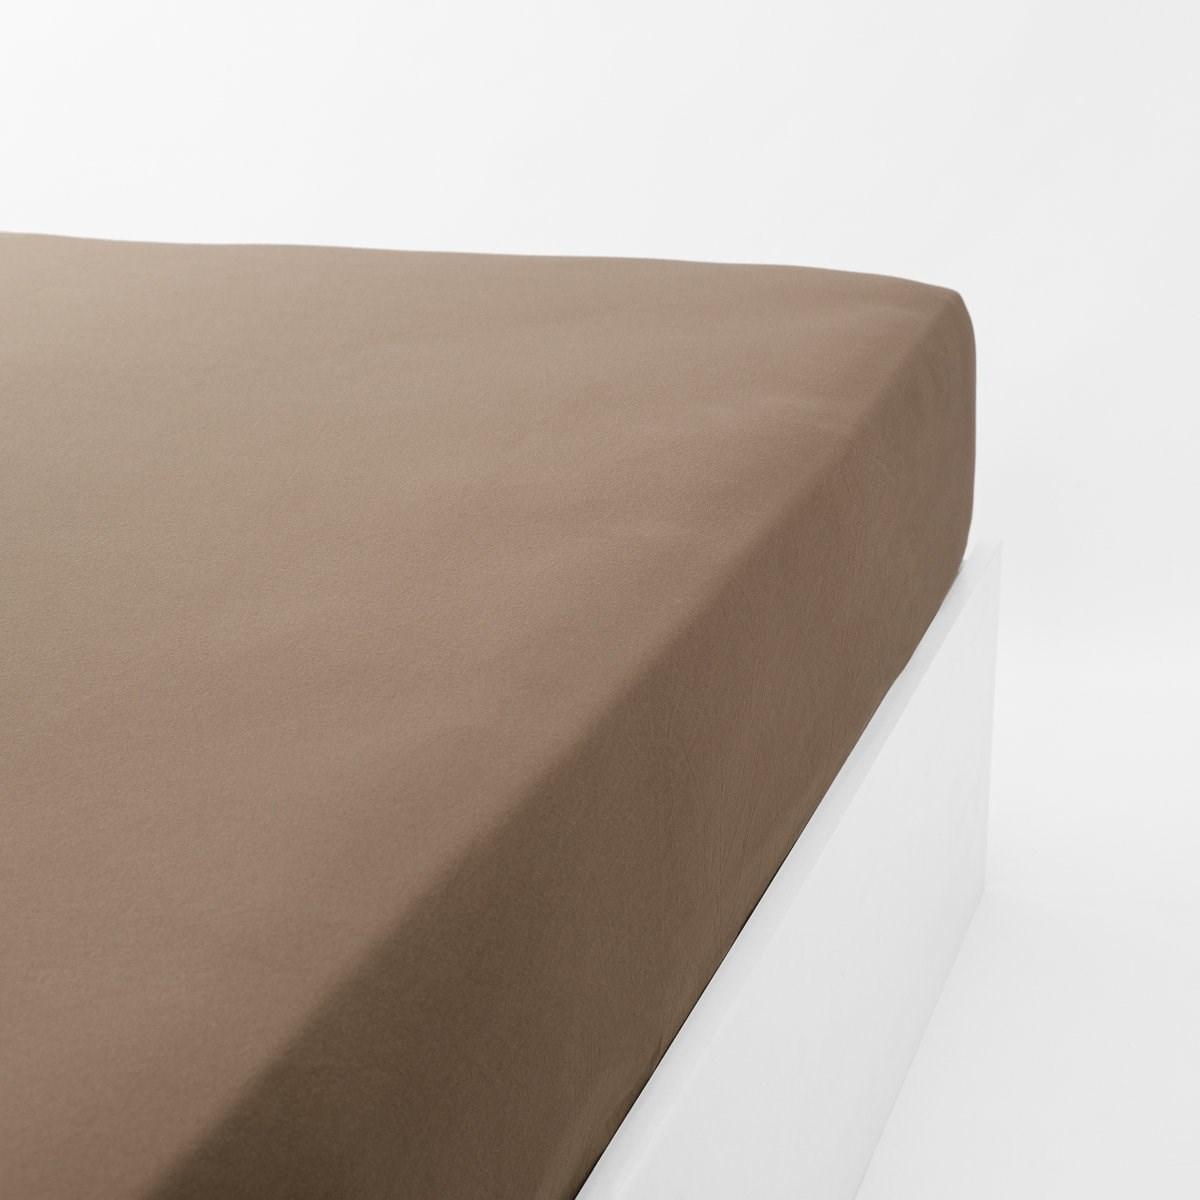 Drap housse jersey extensible en coton marron 180x200 cm